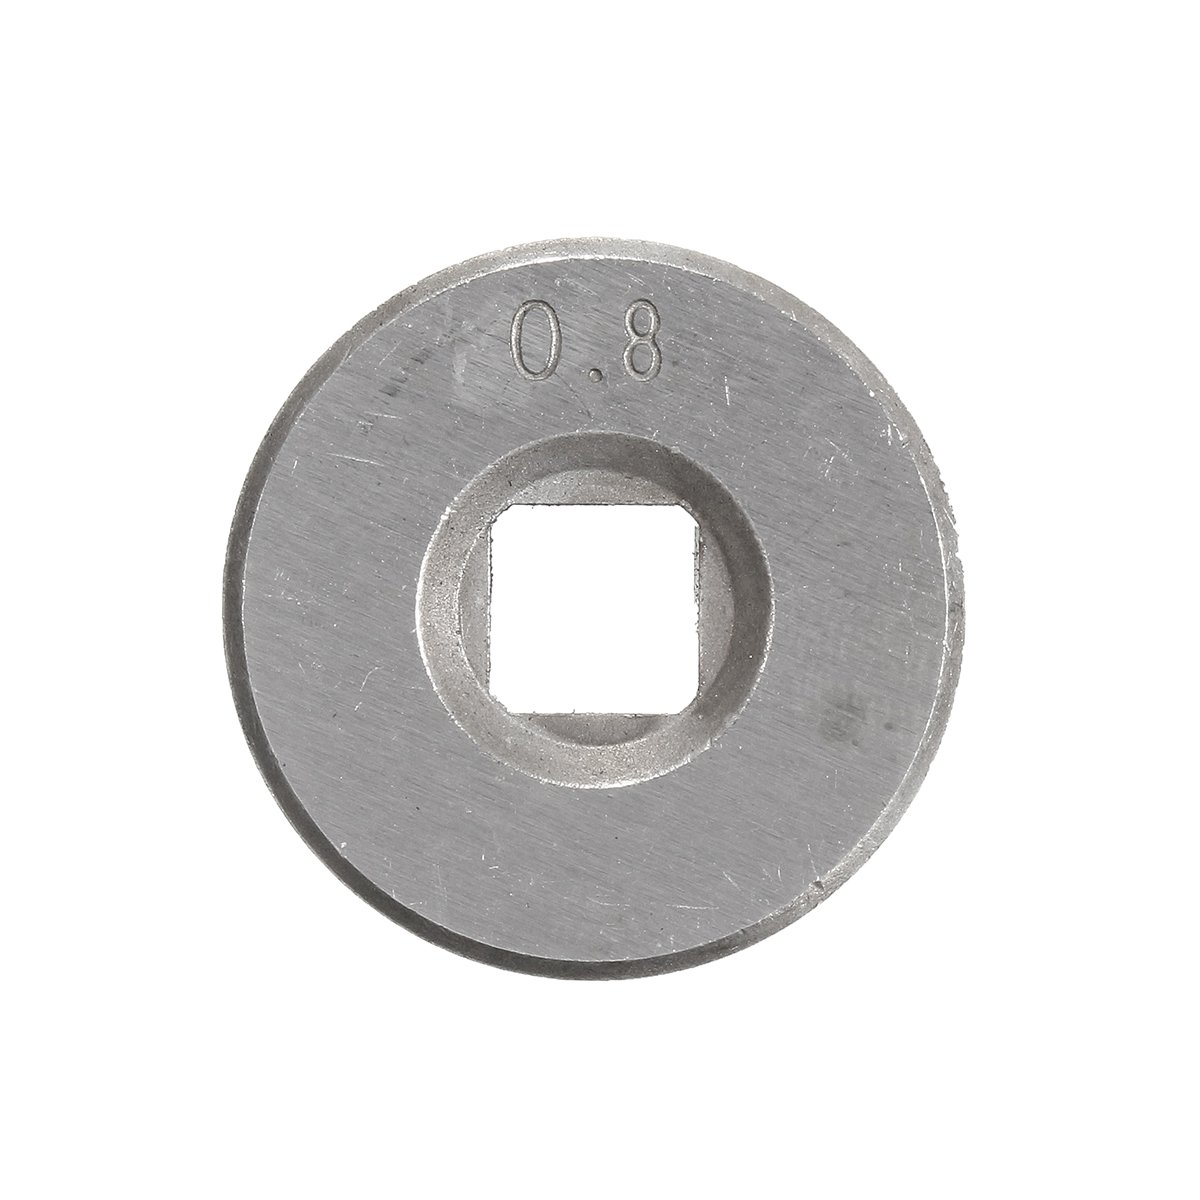 Werse Mig Welding Steel 0.6-0.8 Rodillo De Arrastre De Alimentación De Alambre Rodillo De La Parte Accesorios De La Máquina De Soldar: Amazon.es: Bricolaje ...